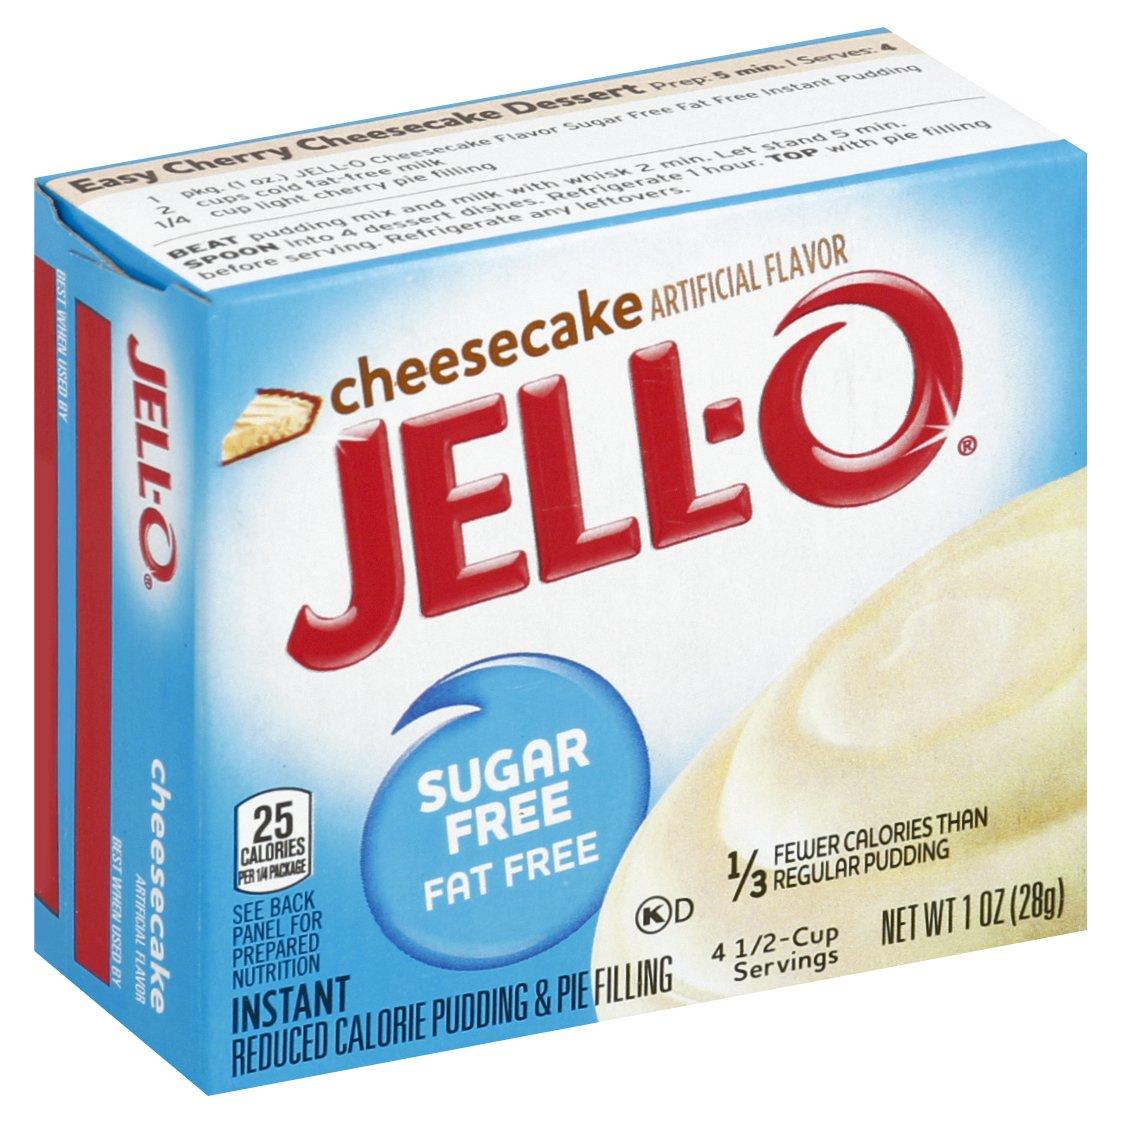 JELL-O Cheesecake Sugar Free Fat Free Puddi 1OZ 24-Pack